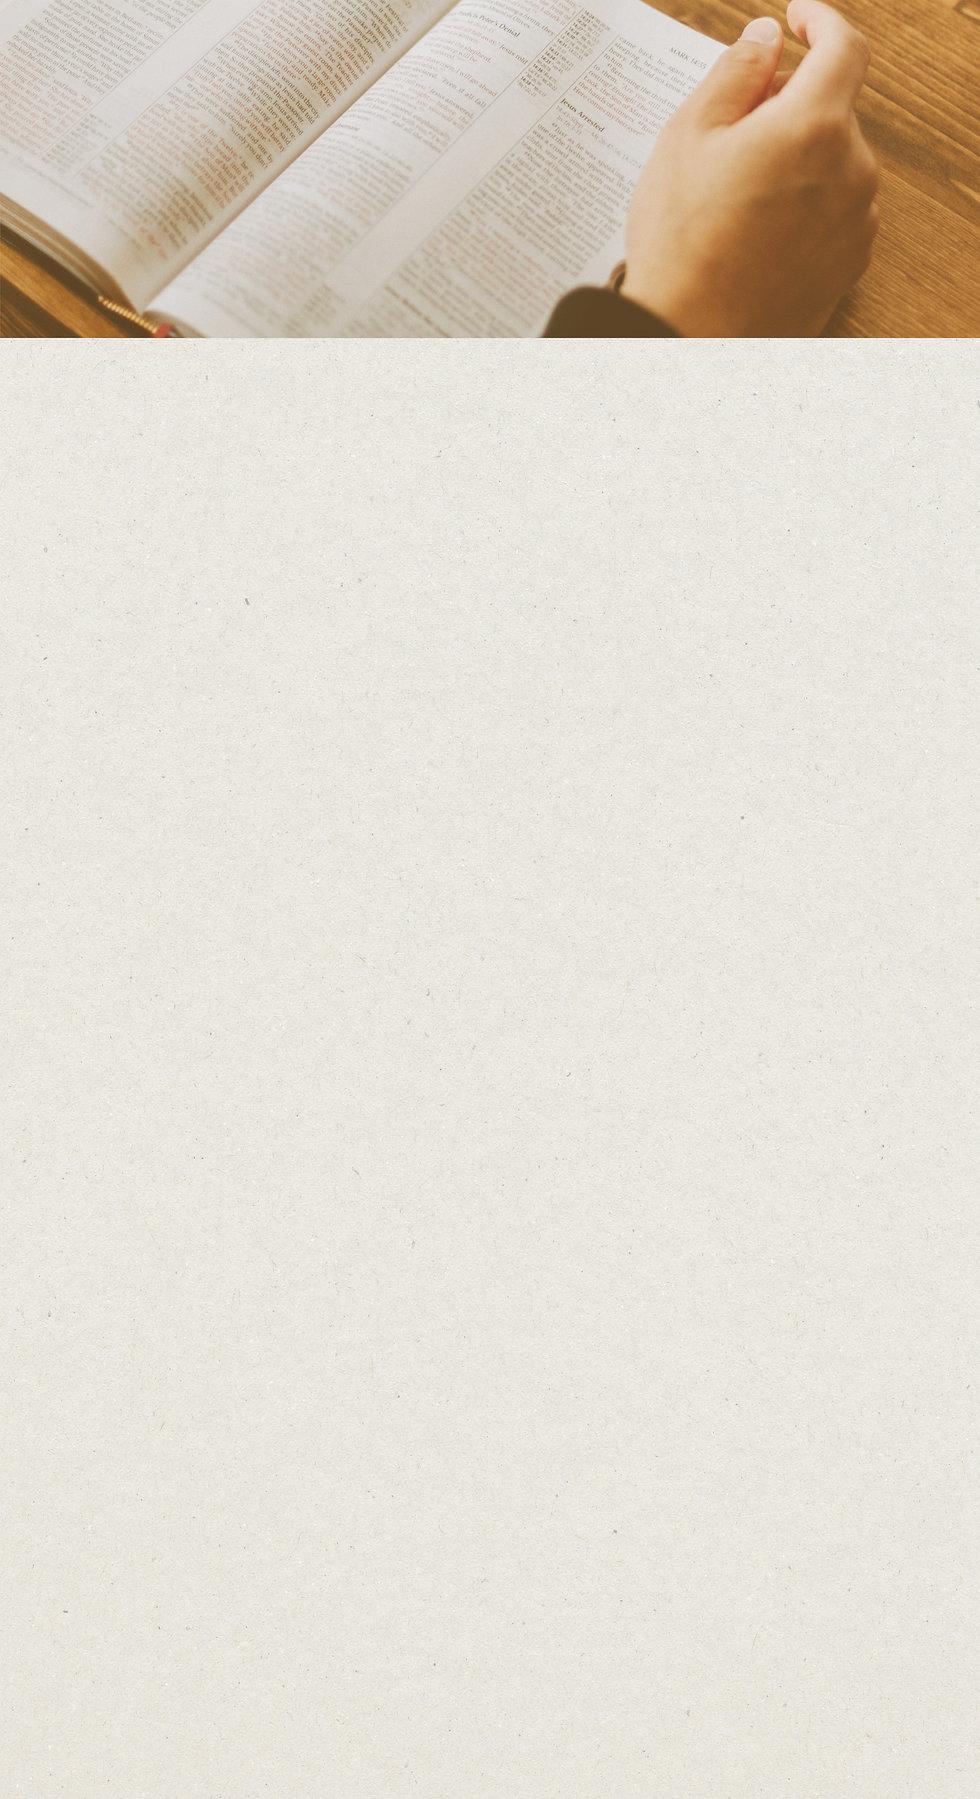 谷燈堡英語-WEB-04.jpg